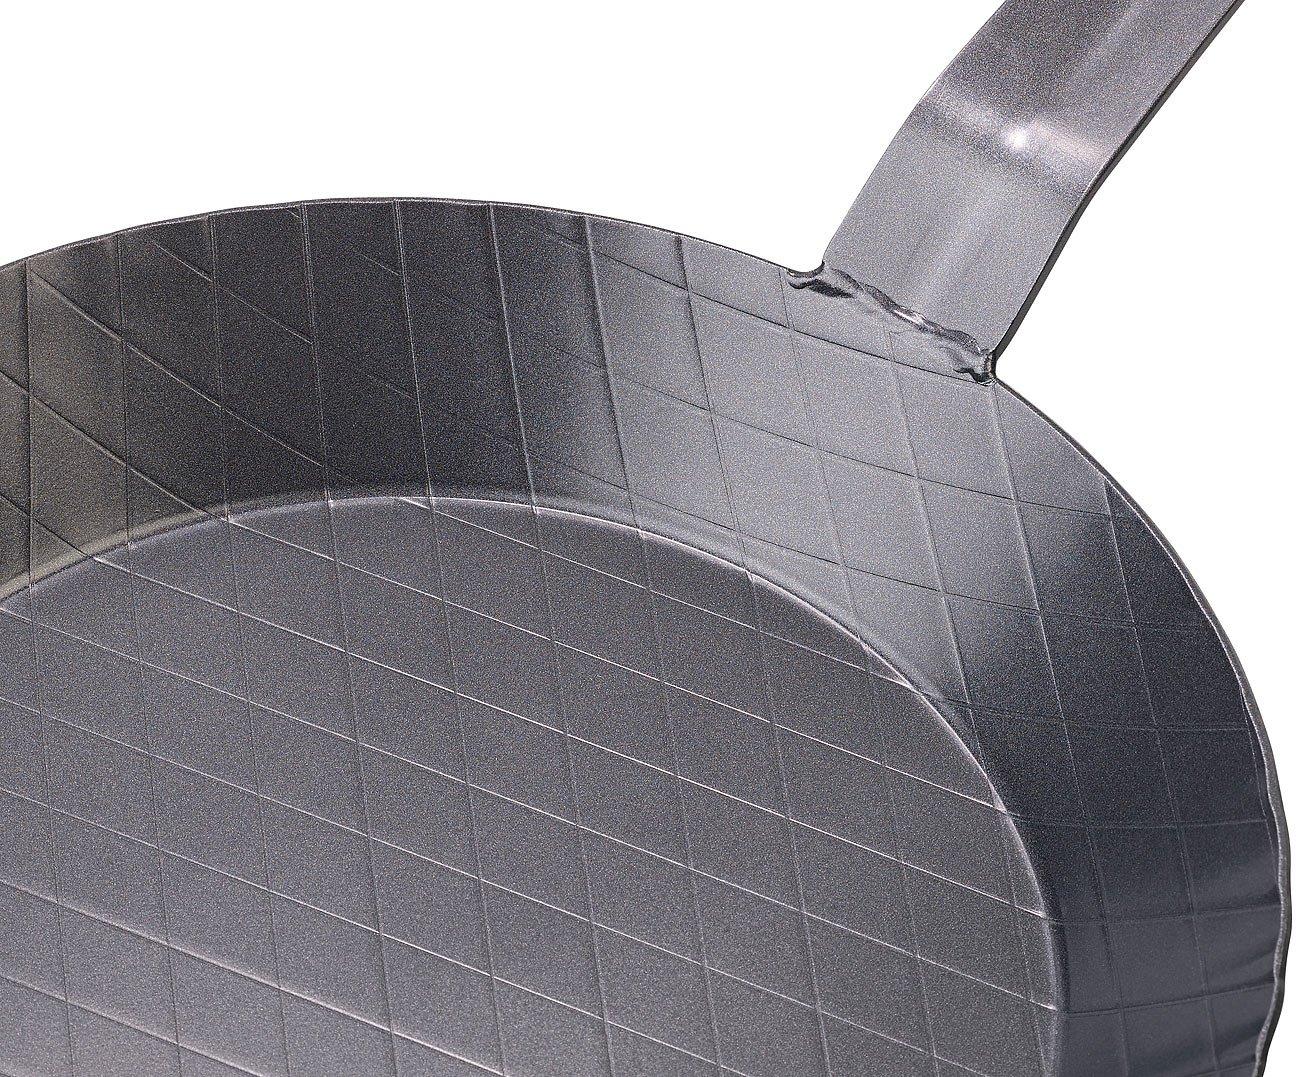 Tornwald-Schmiede Stahlpfanne: Kaltgeschmiedete Bratpfanne mit Rauten-Pr/ägung Kalt Geschmiedete Eisen Pfannen /Ø 28 cm 3,5 cm hoch